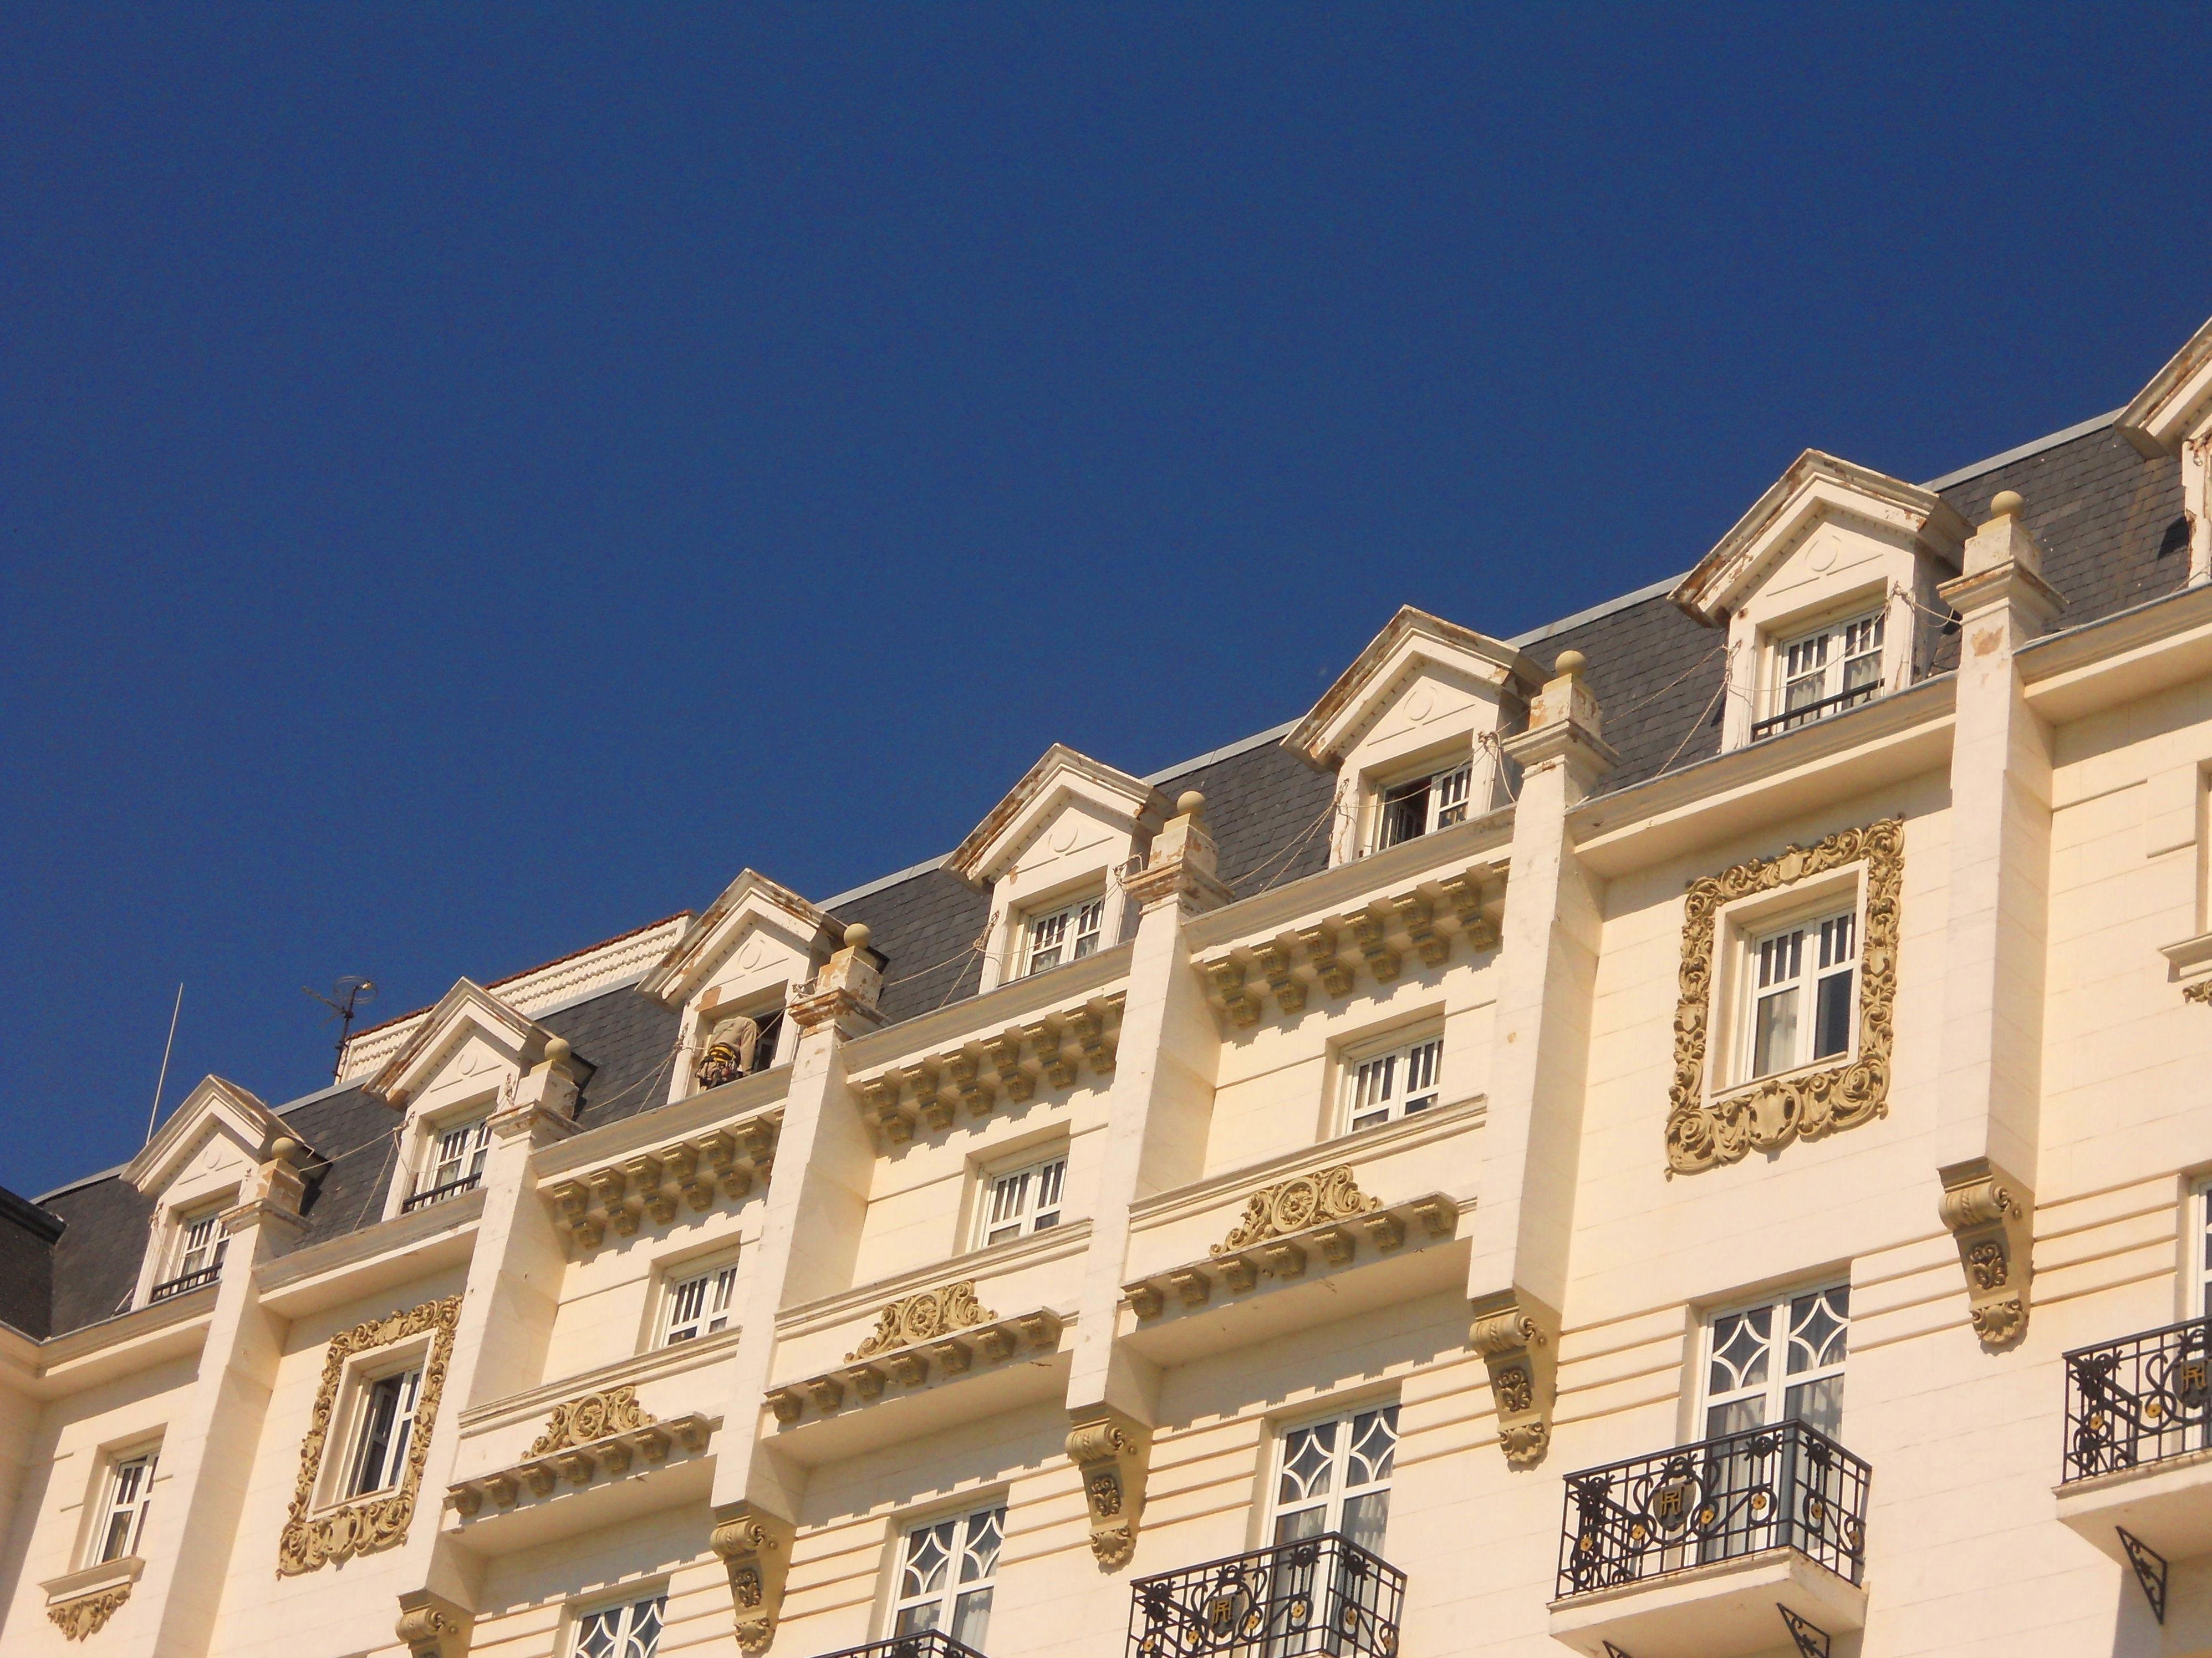 Trabajos de mantenimiento de fachadas Hotel Real Santander